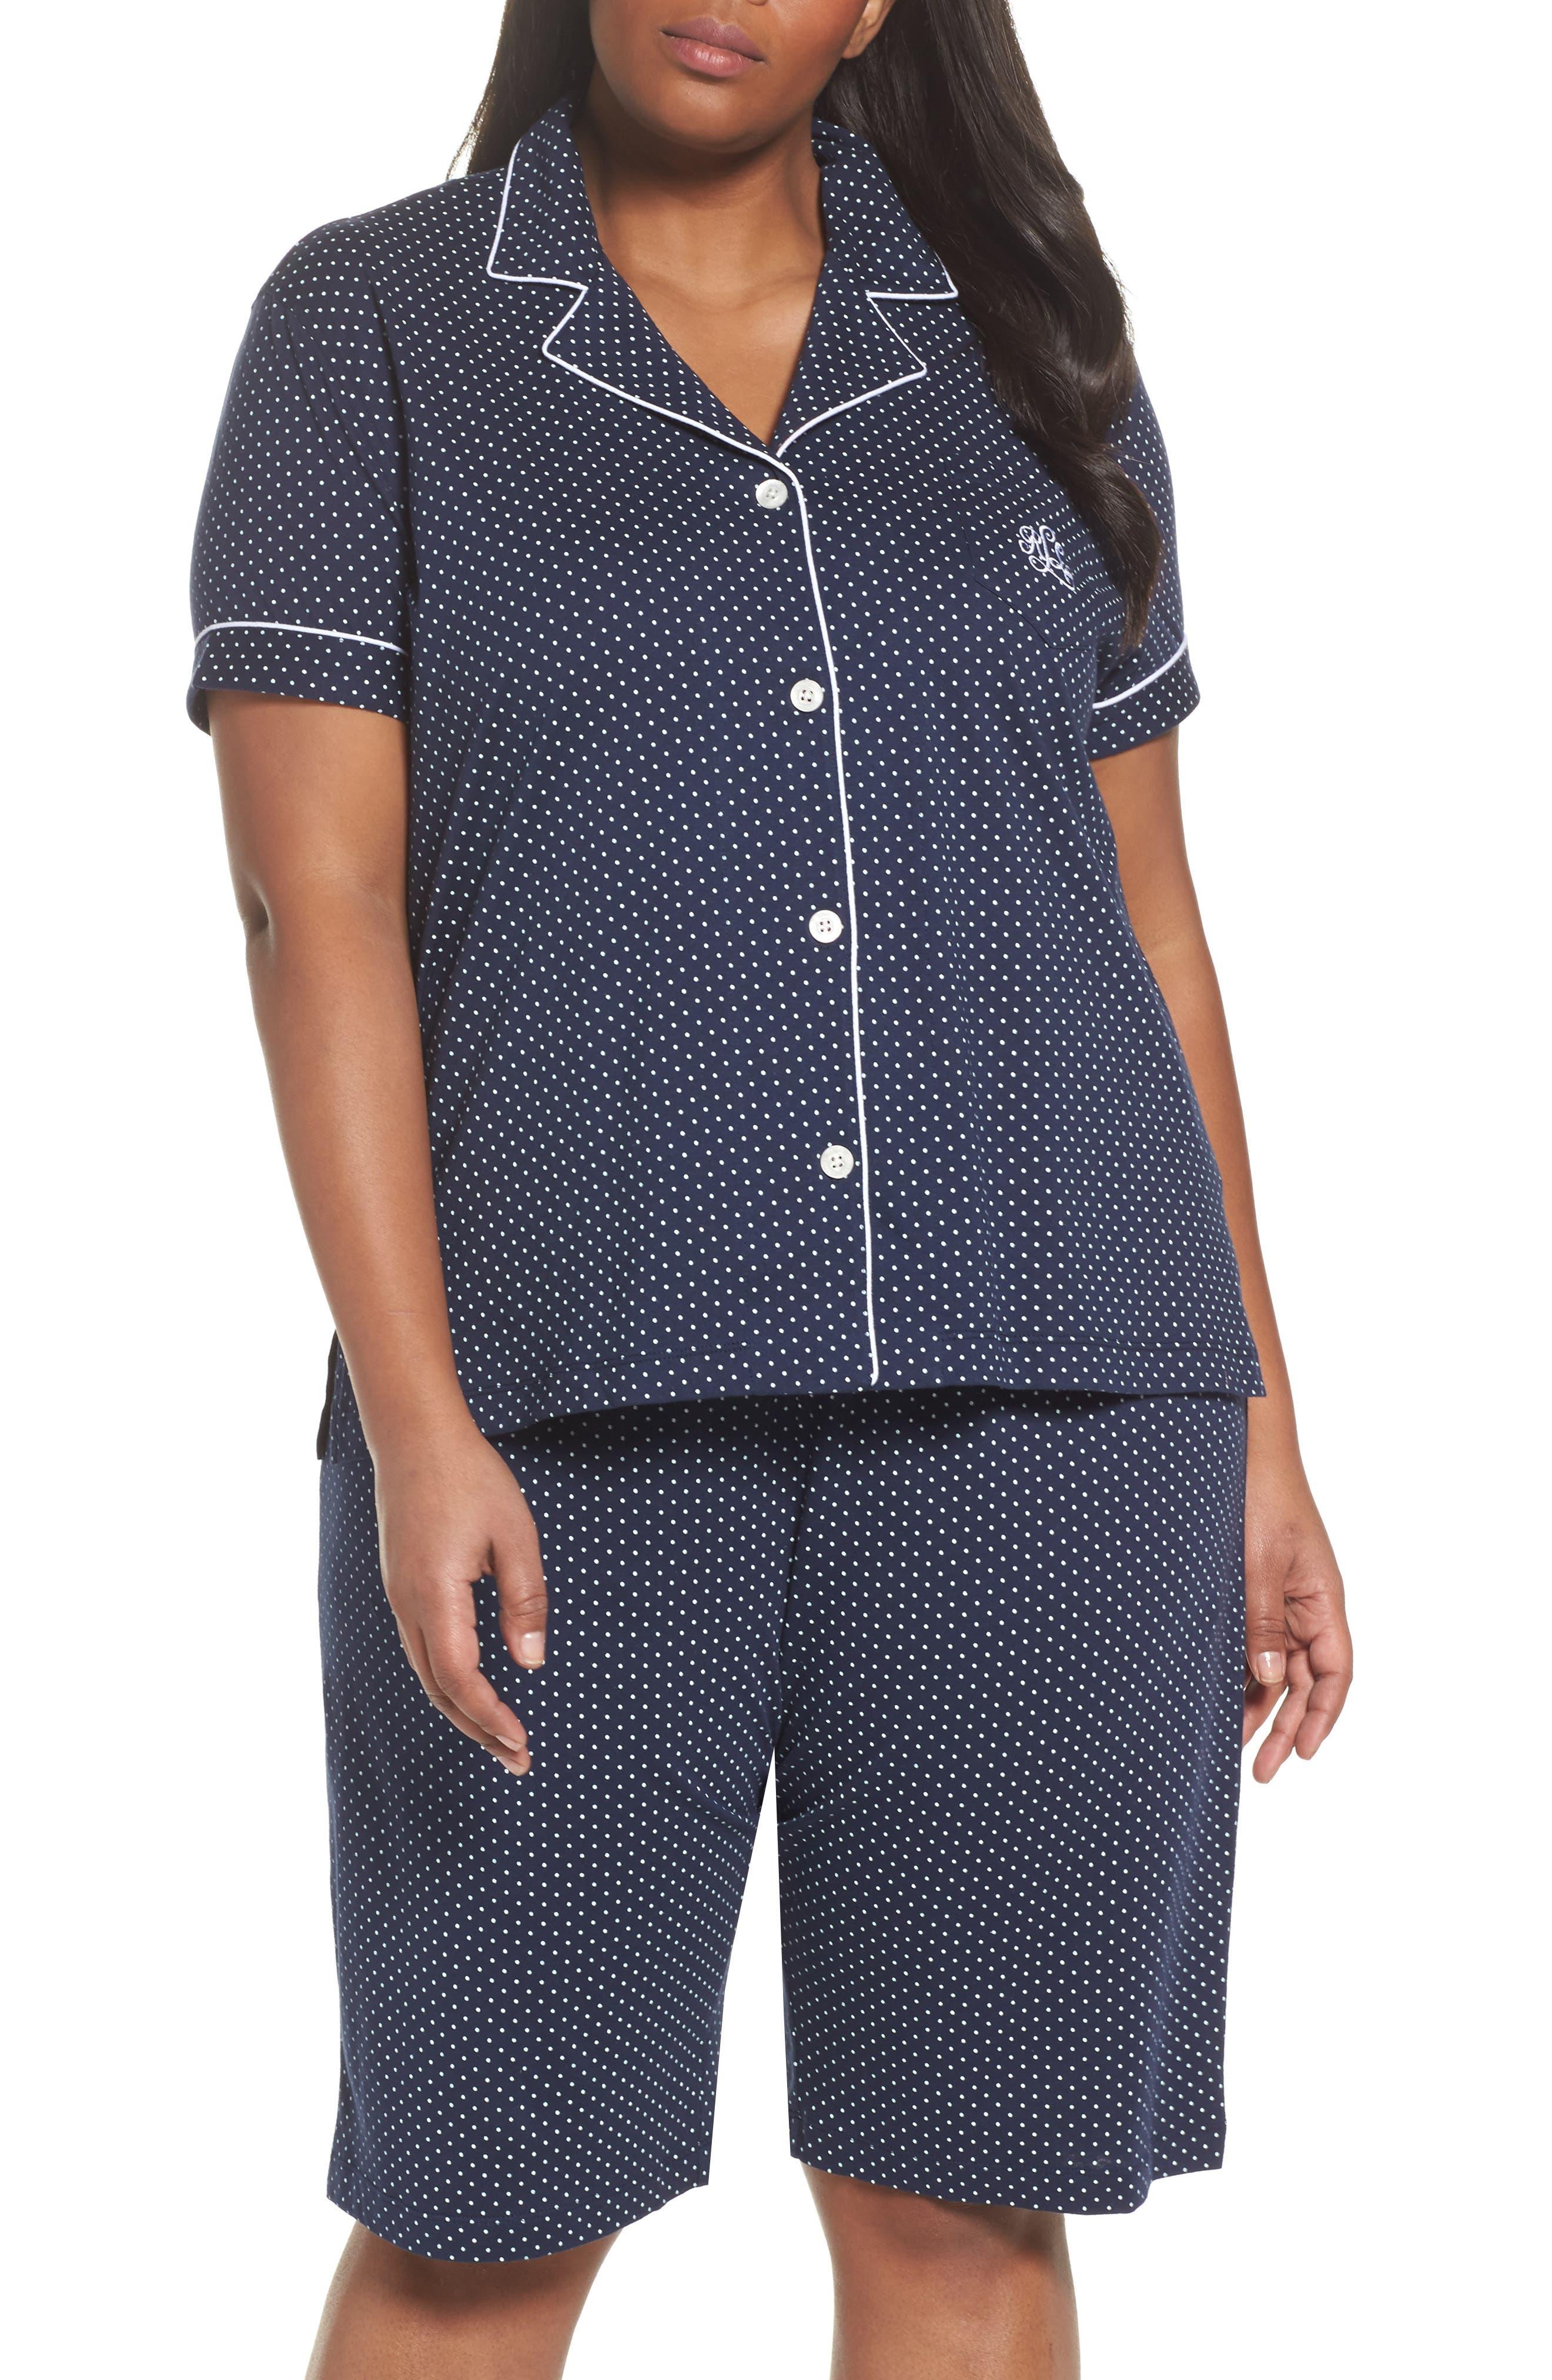 LAUREN RALPH LAUREN Bermuda Pajamas, Main, color, NAVY DOT